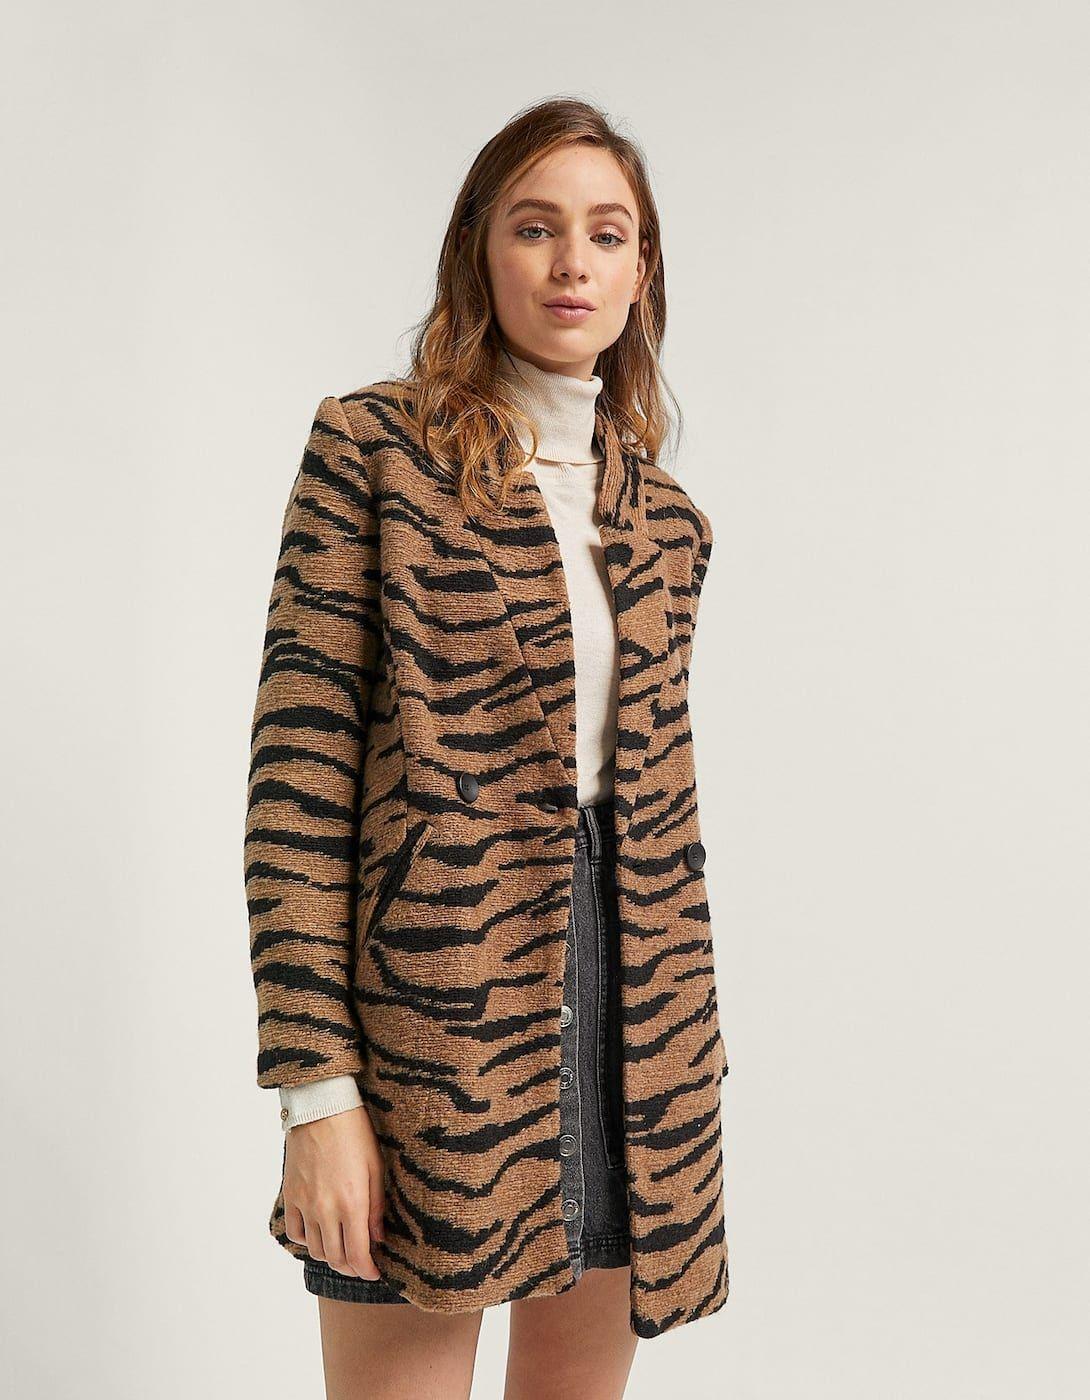 e542d12c7b Zebra cutwork coat - Coats